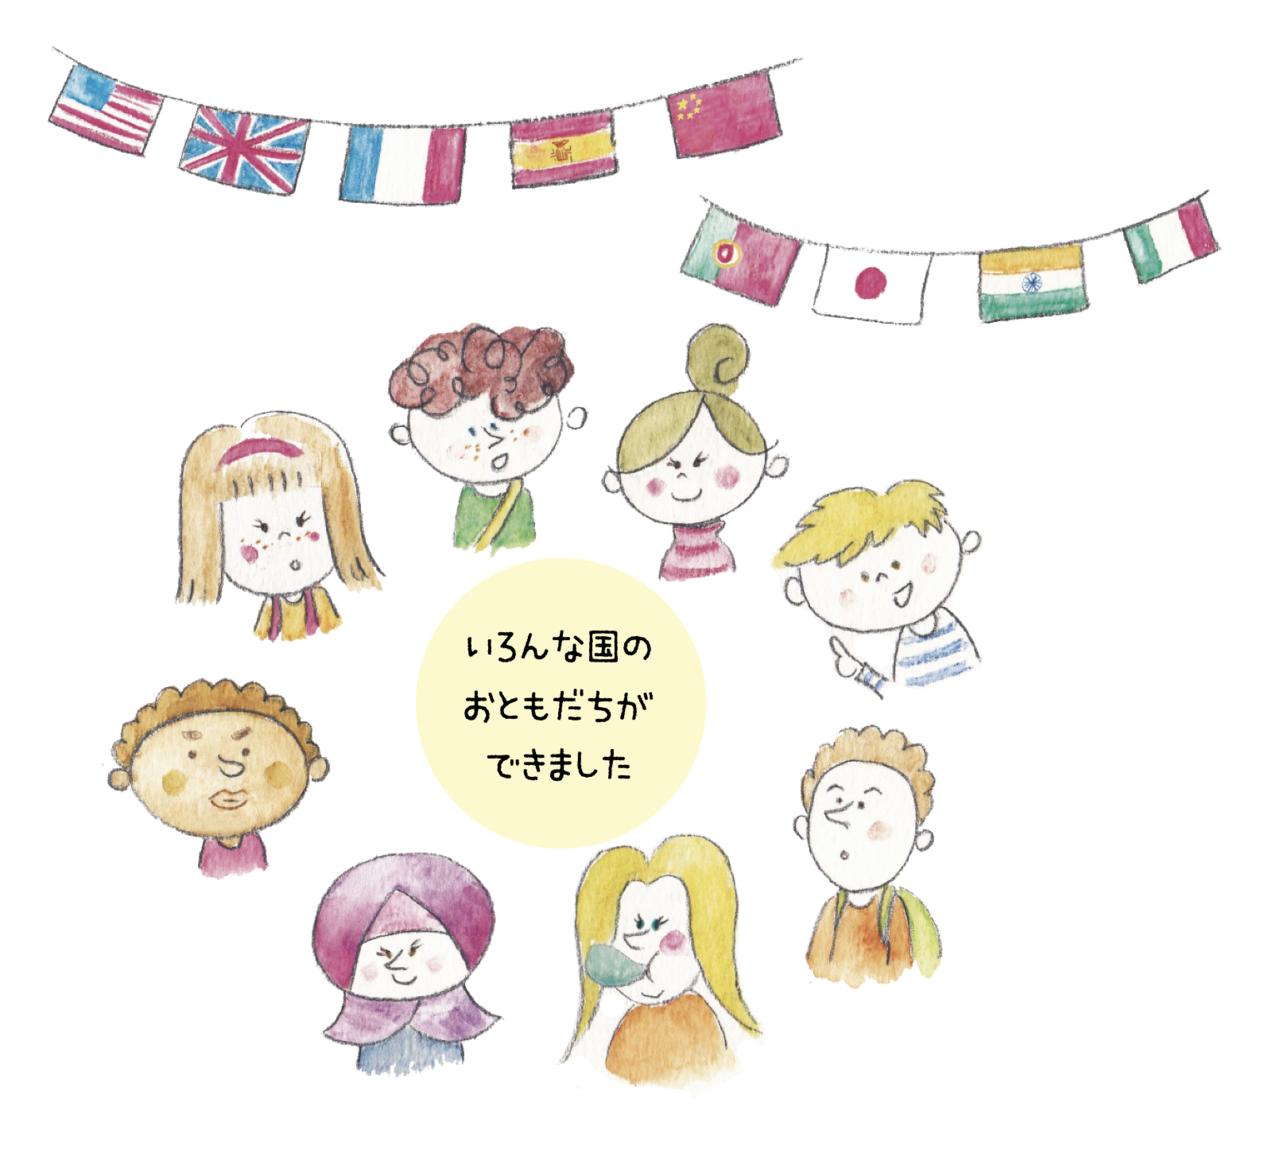 超ゆるい校則&イベント山盛り 日本人ママが体験したアメリカ小学校のリアル